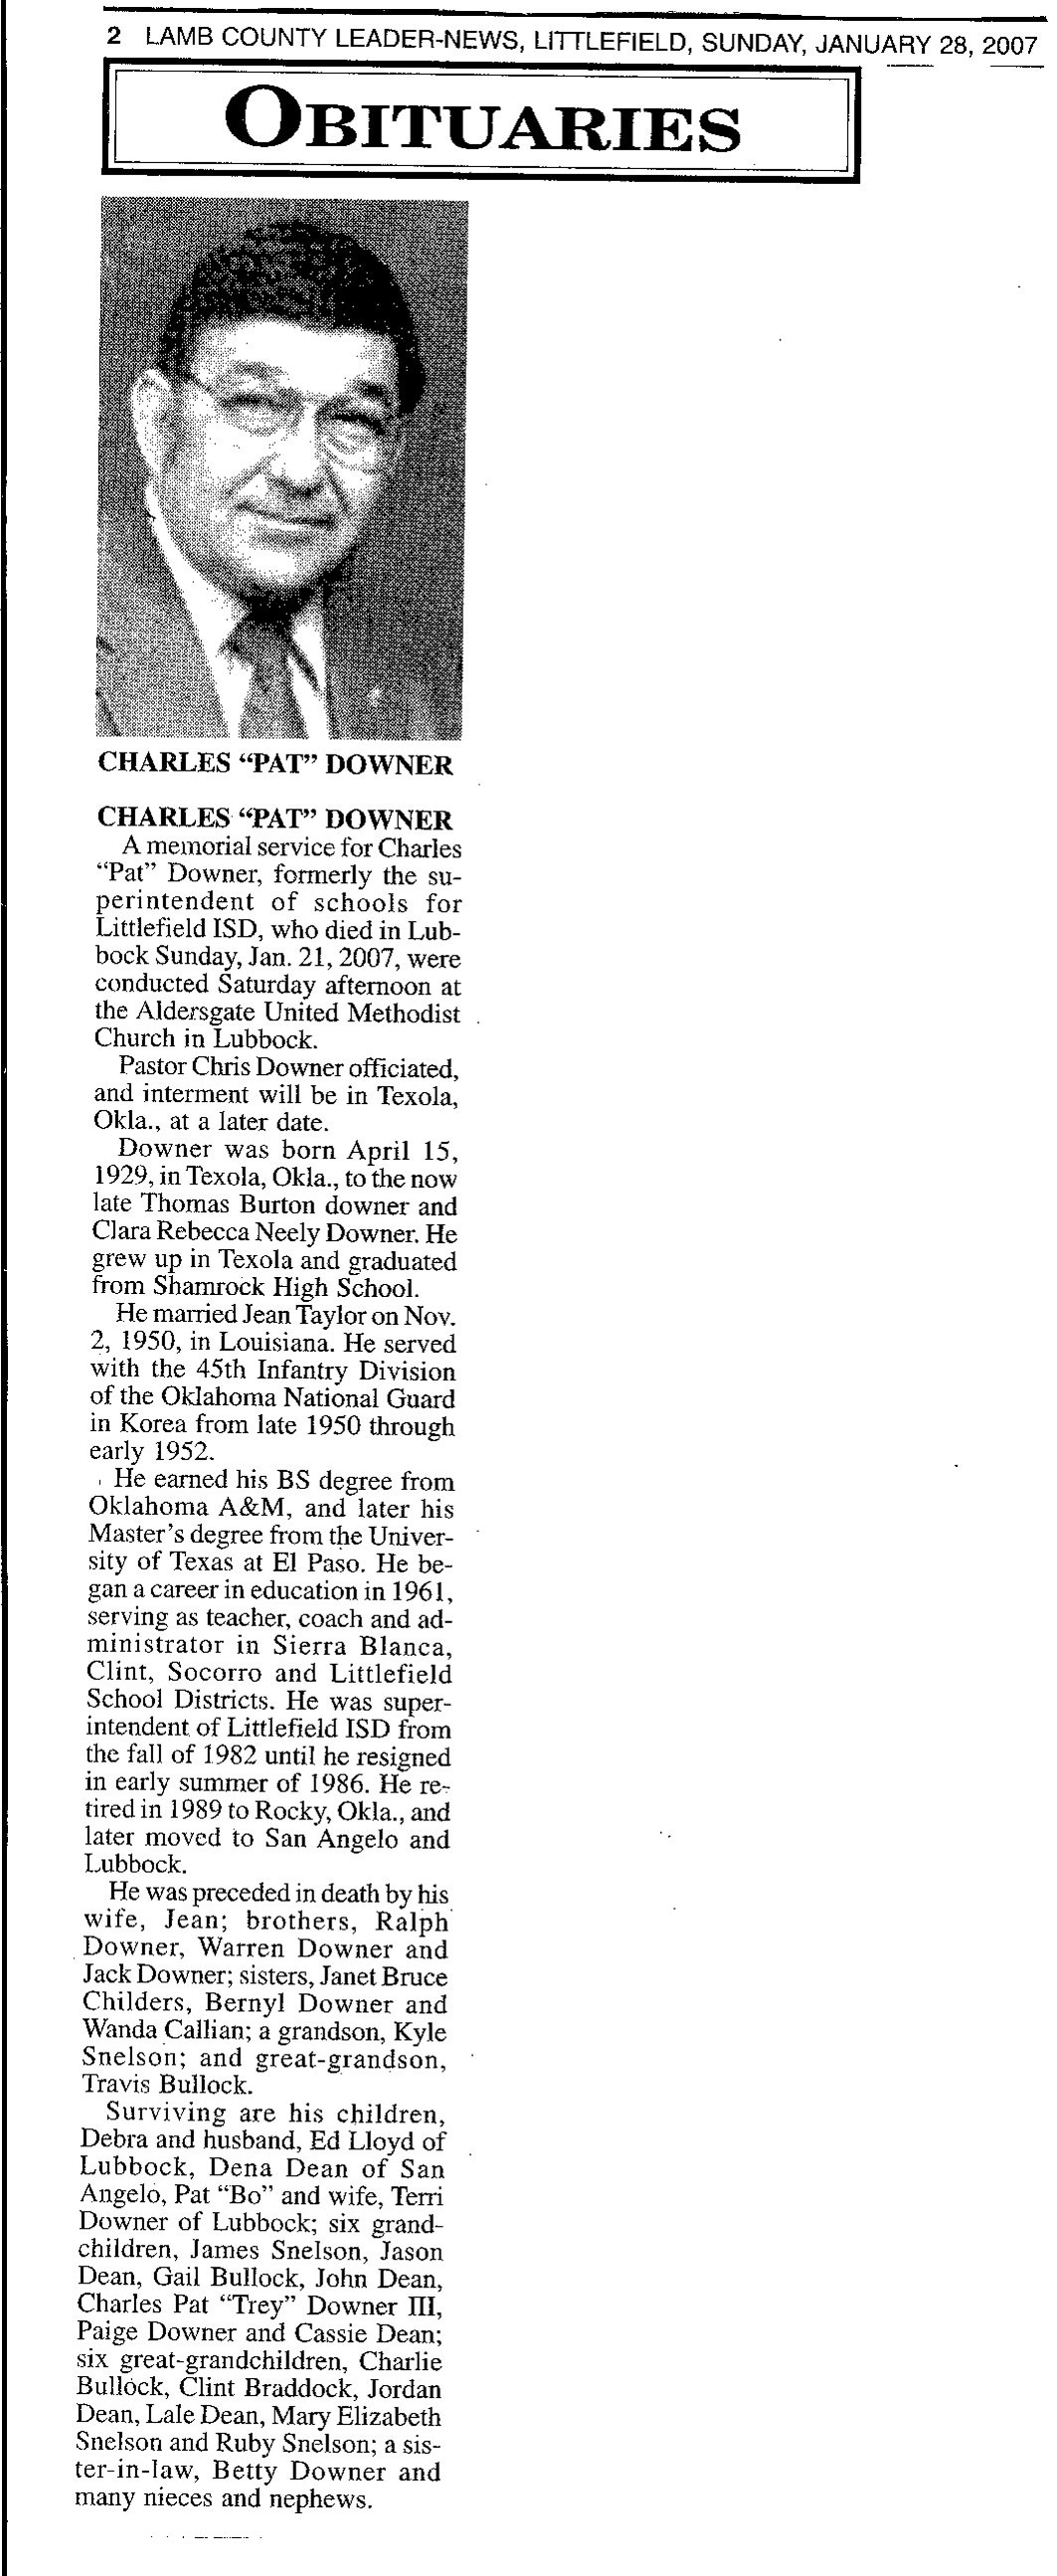 Charles Pat Downer Obituary